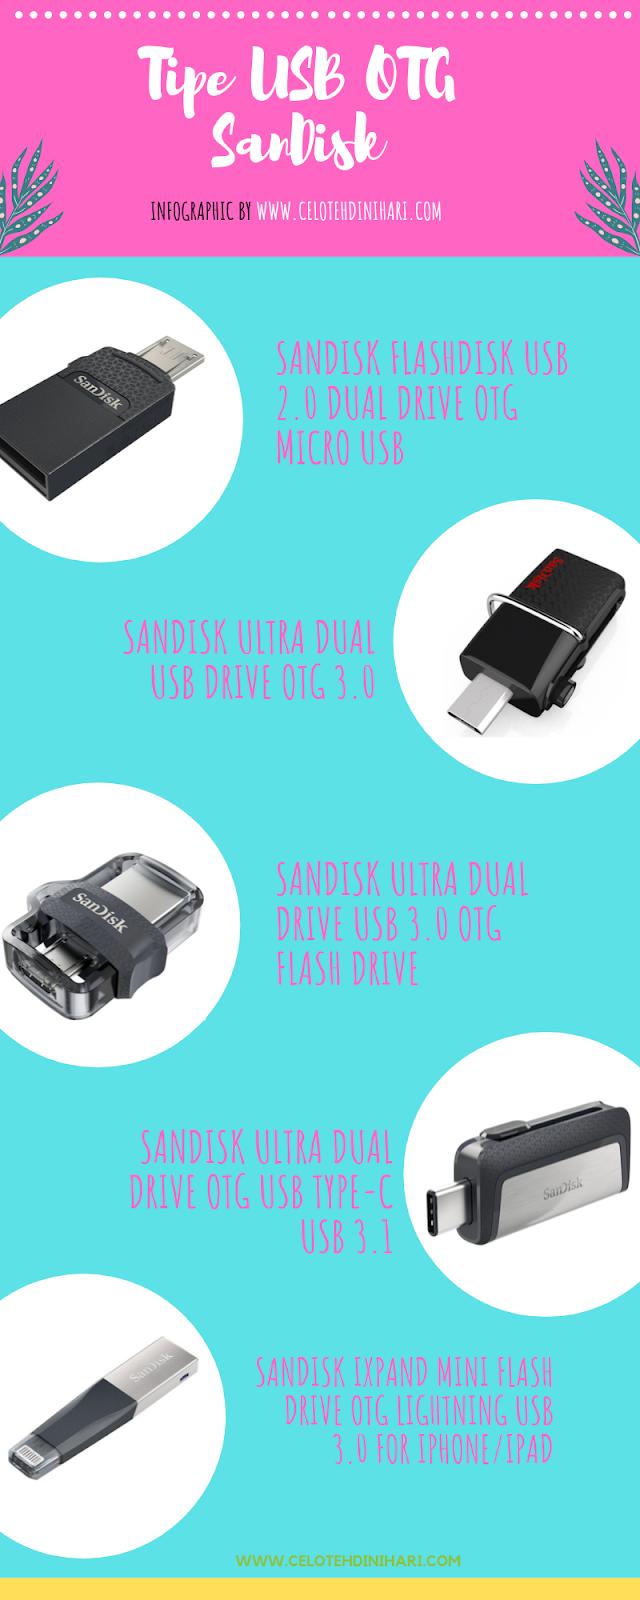 USB OTG SanDisk 5